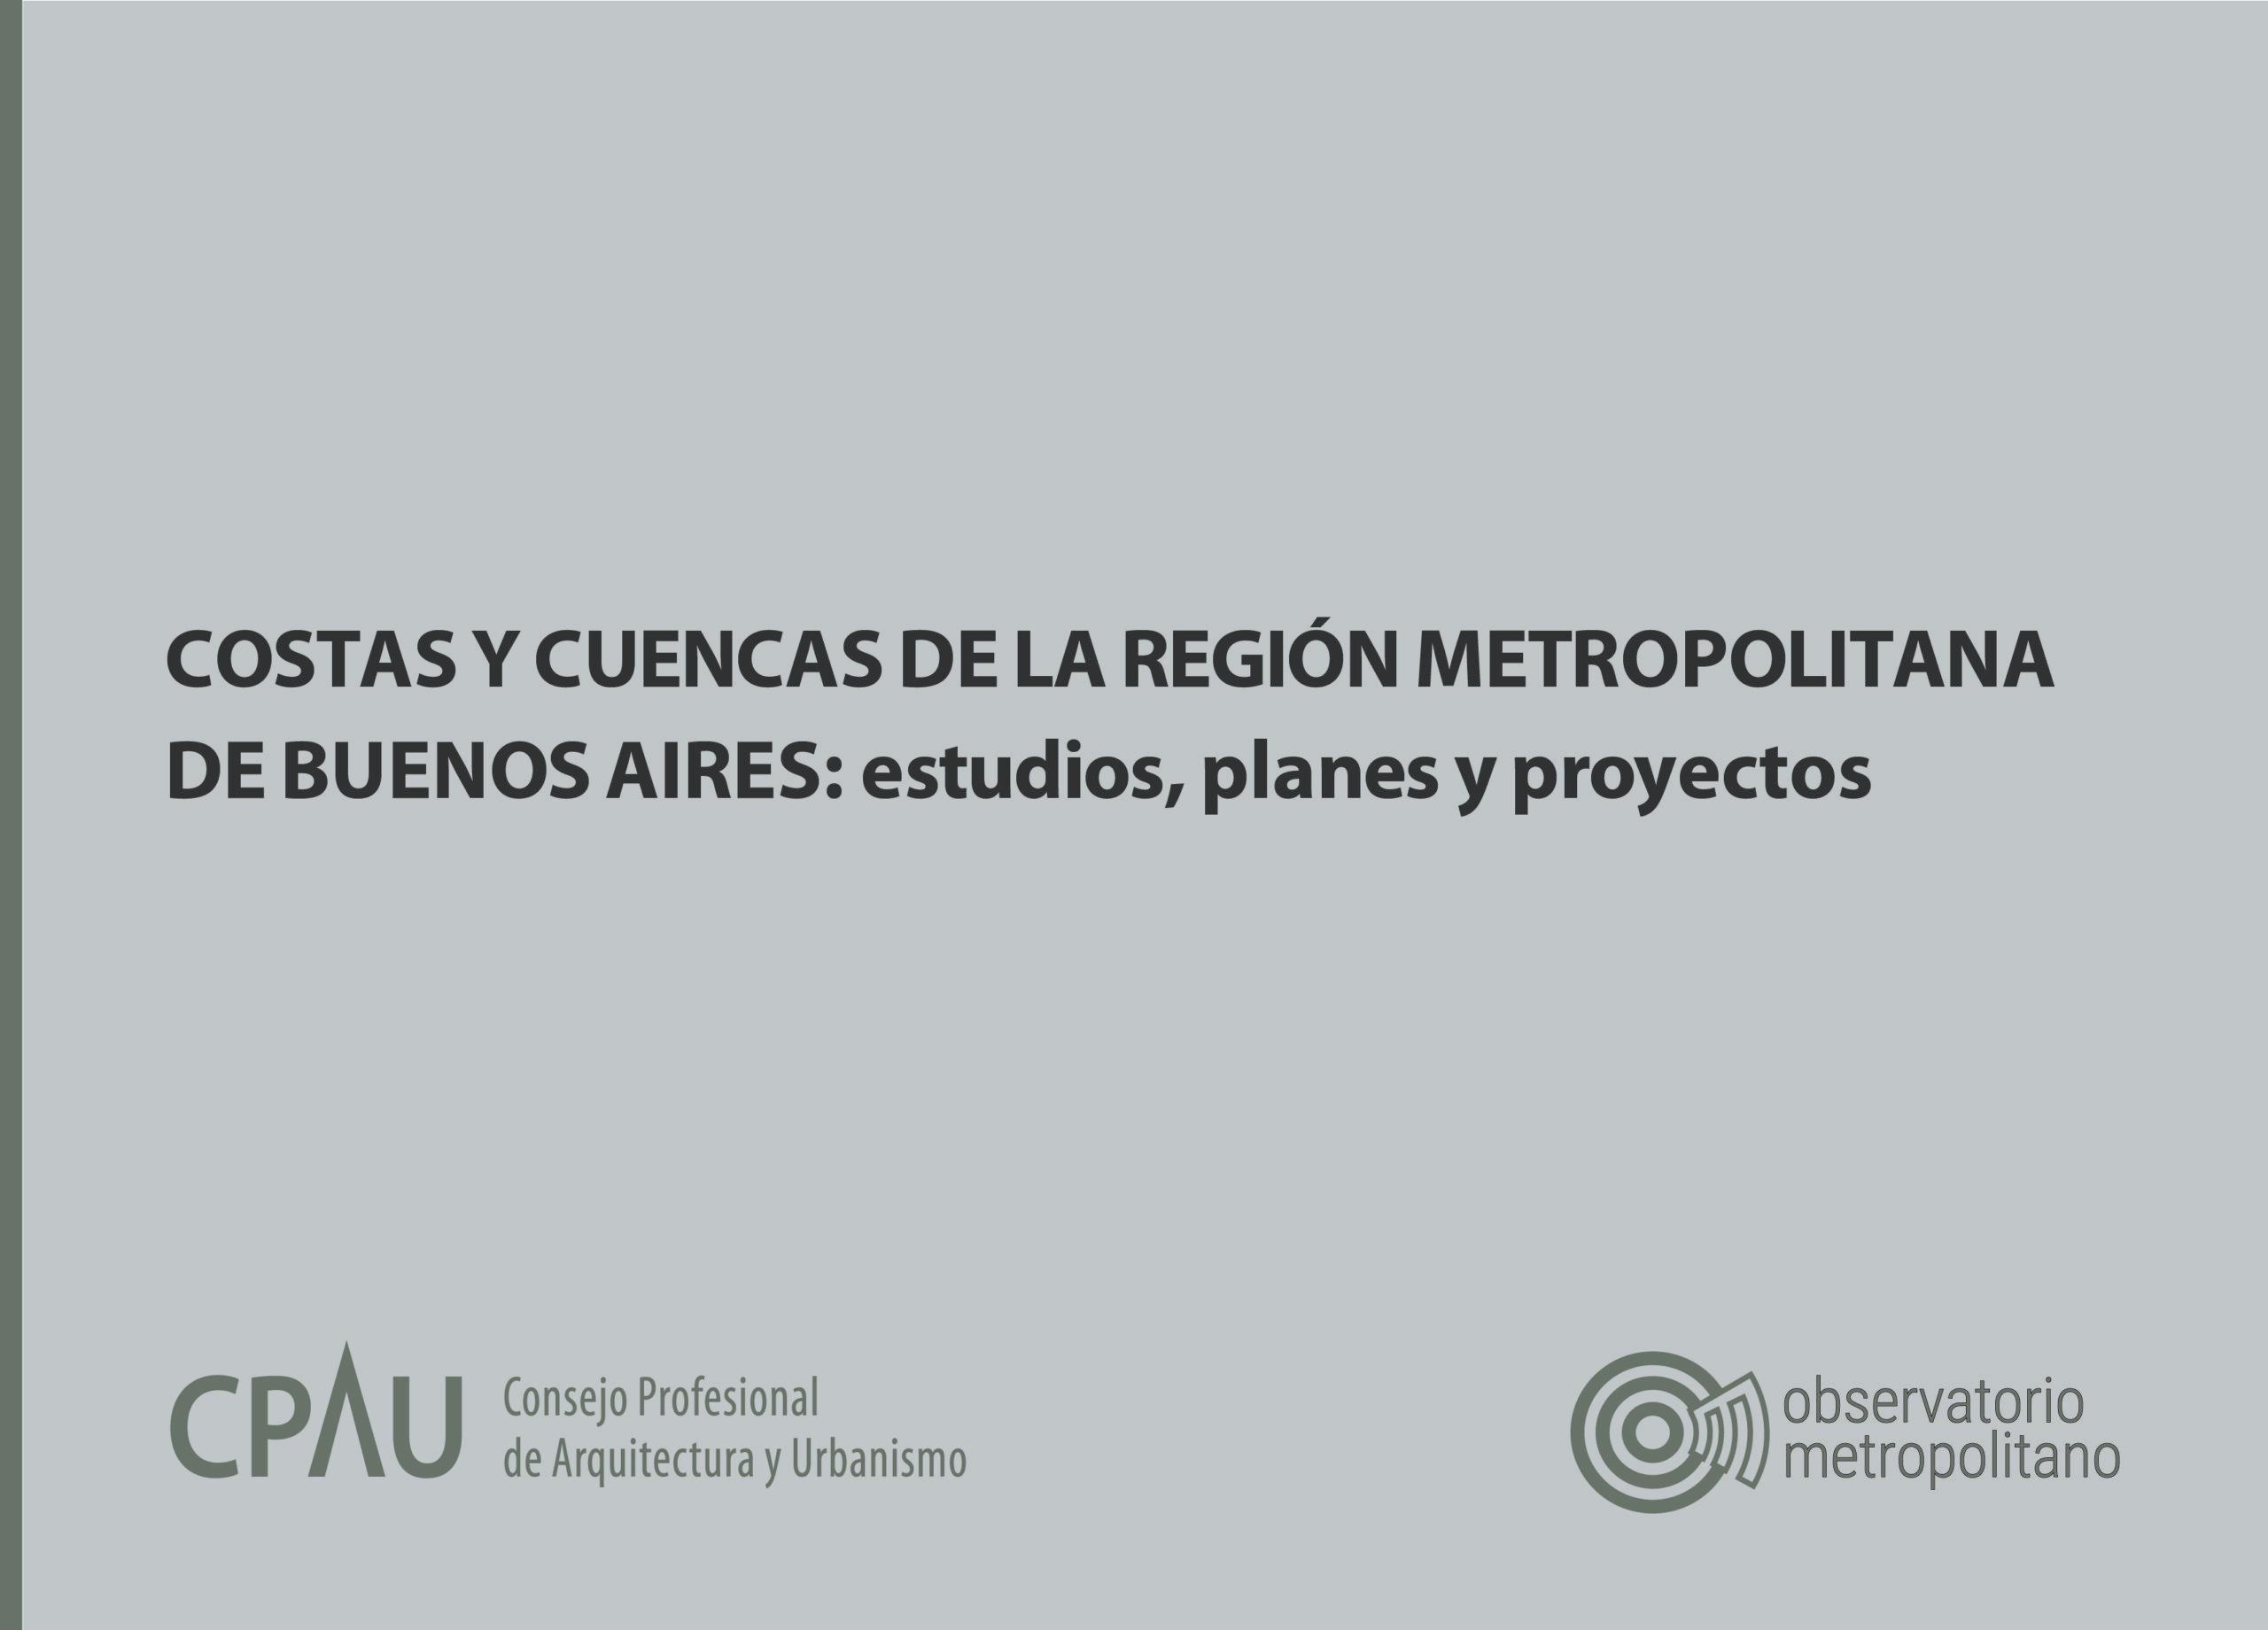 COSTAS Y CUENCAS DE LA REGION METROPOLITANA DE BUENOS AIRES ESTUDIOS PLANES Y PROYECTOS